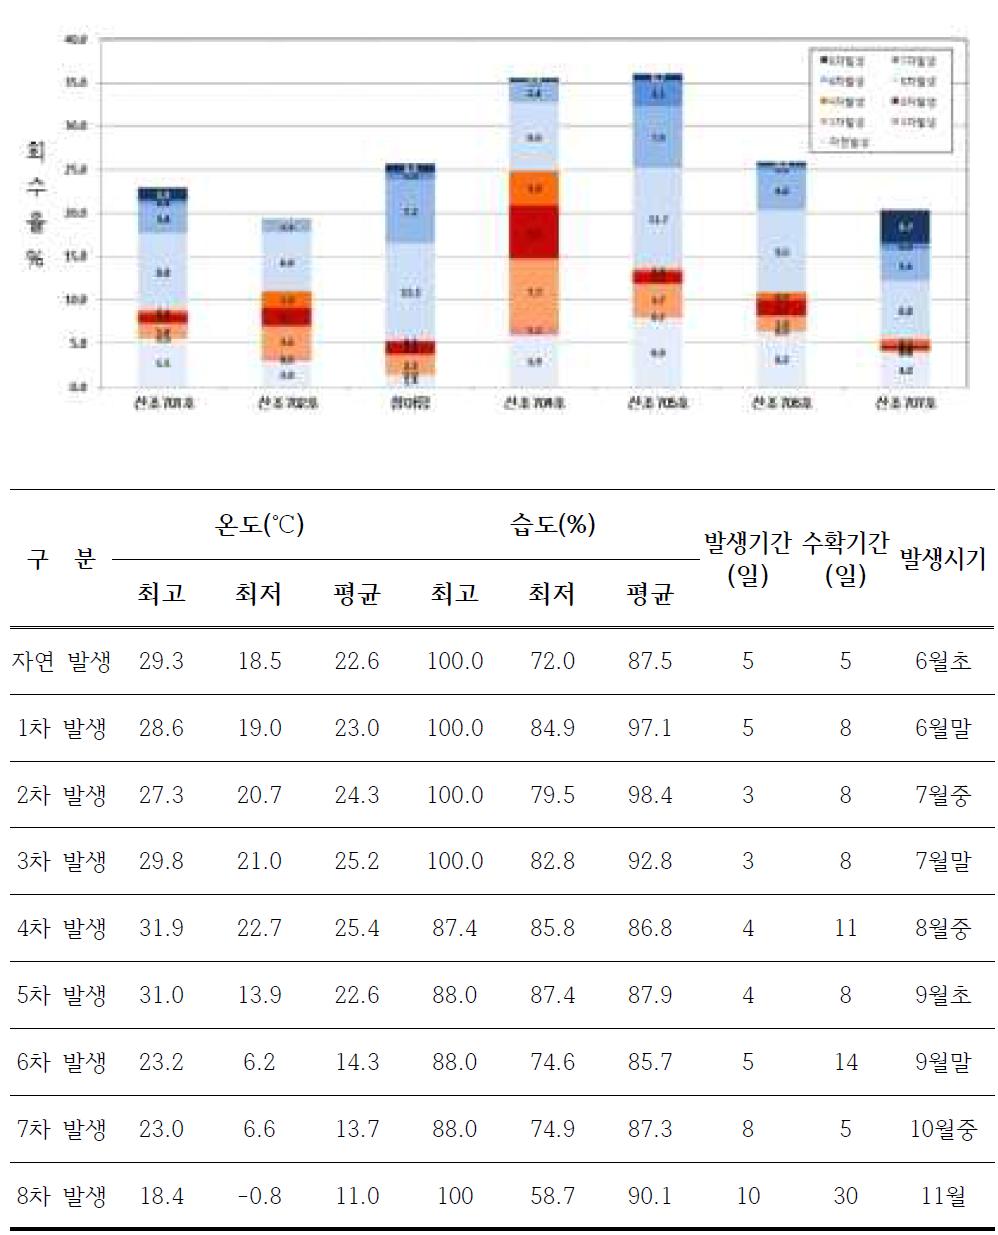 재배온도별 발생비율 및 생산성